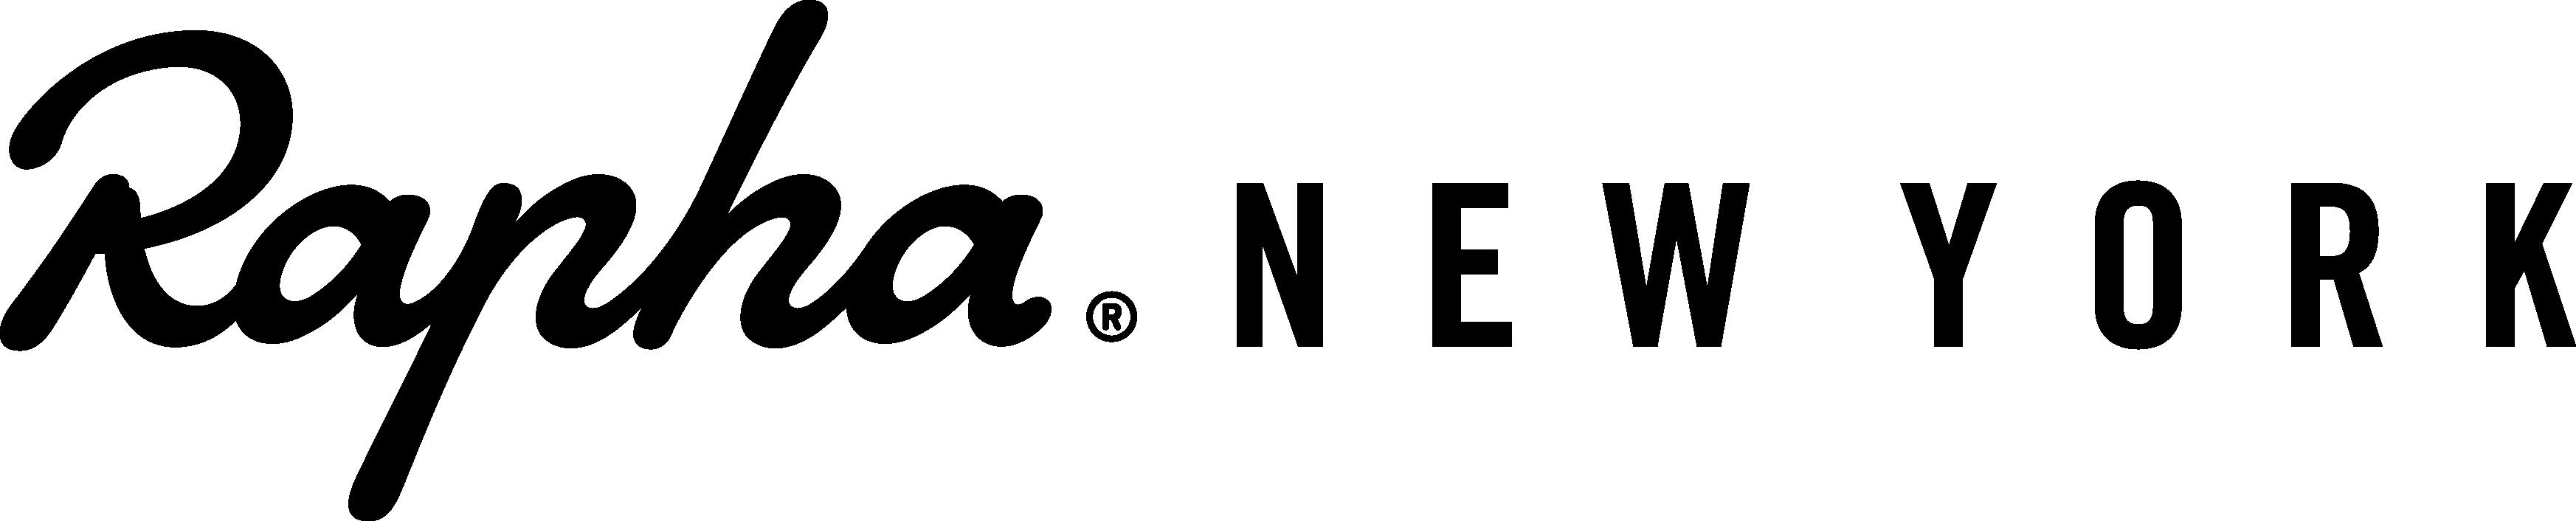 D23a21da5ce98ce0f524231795d3b06c